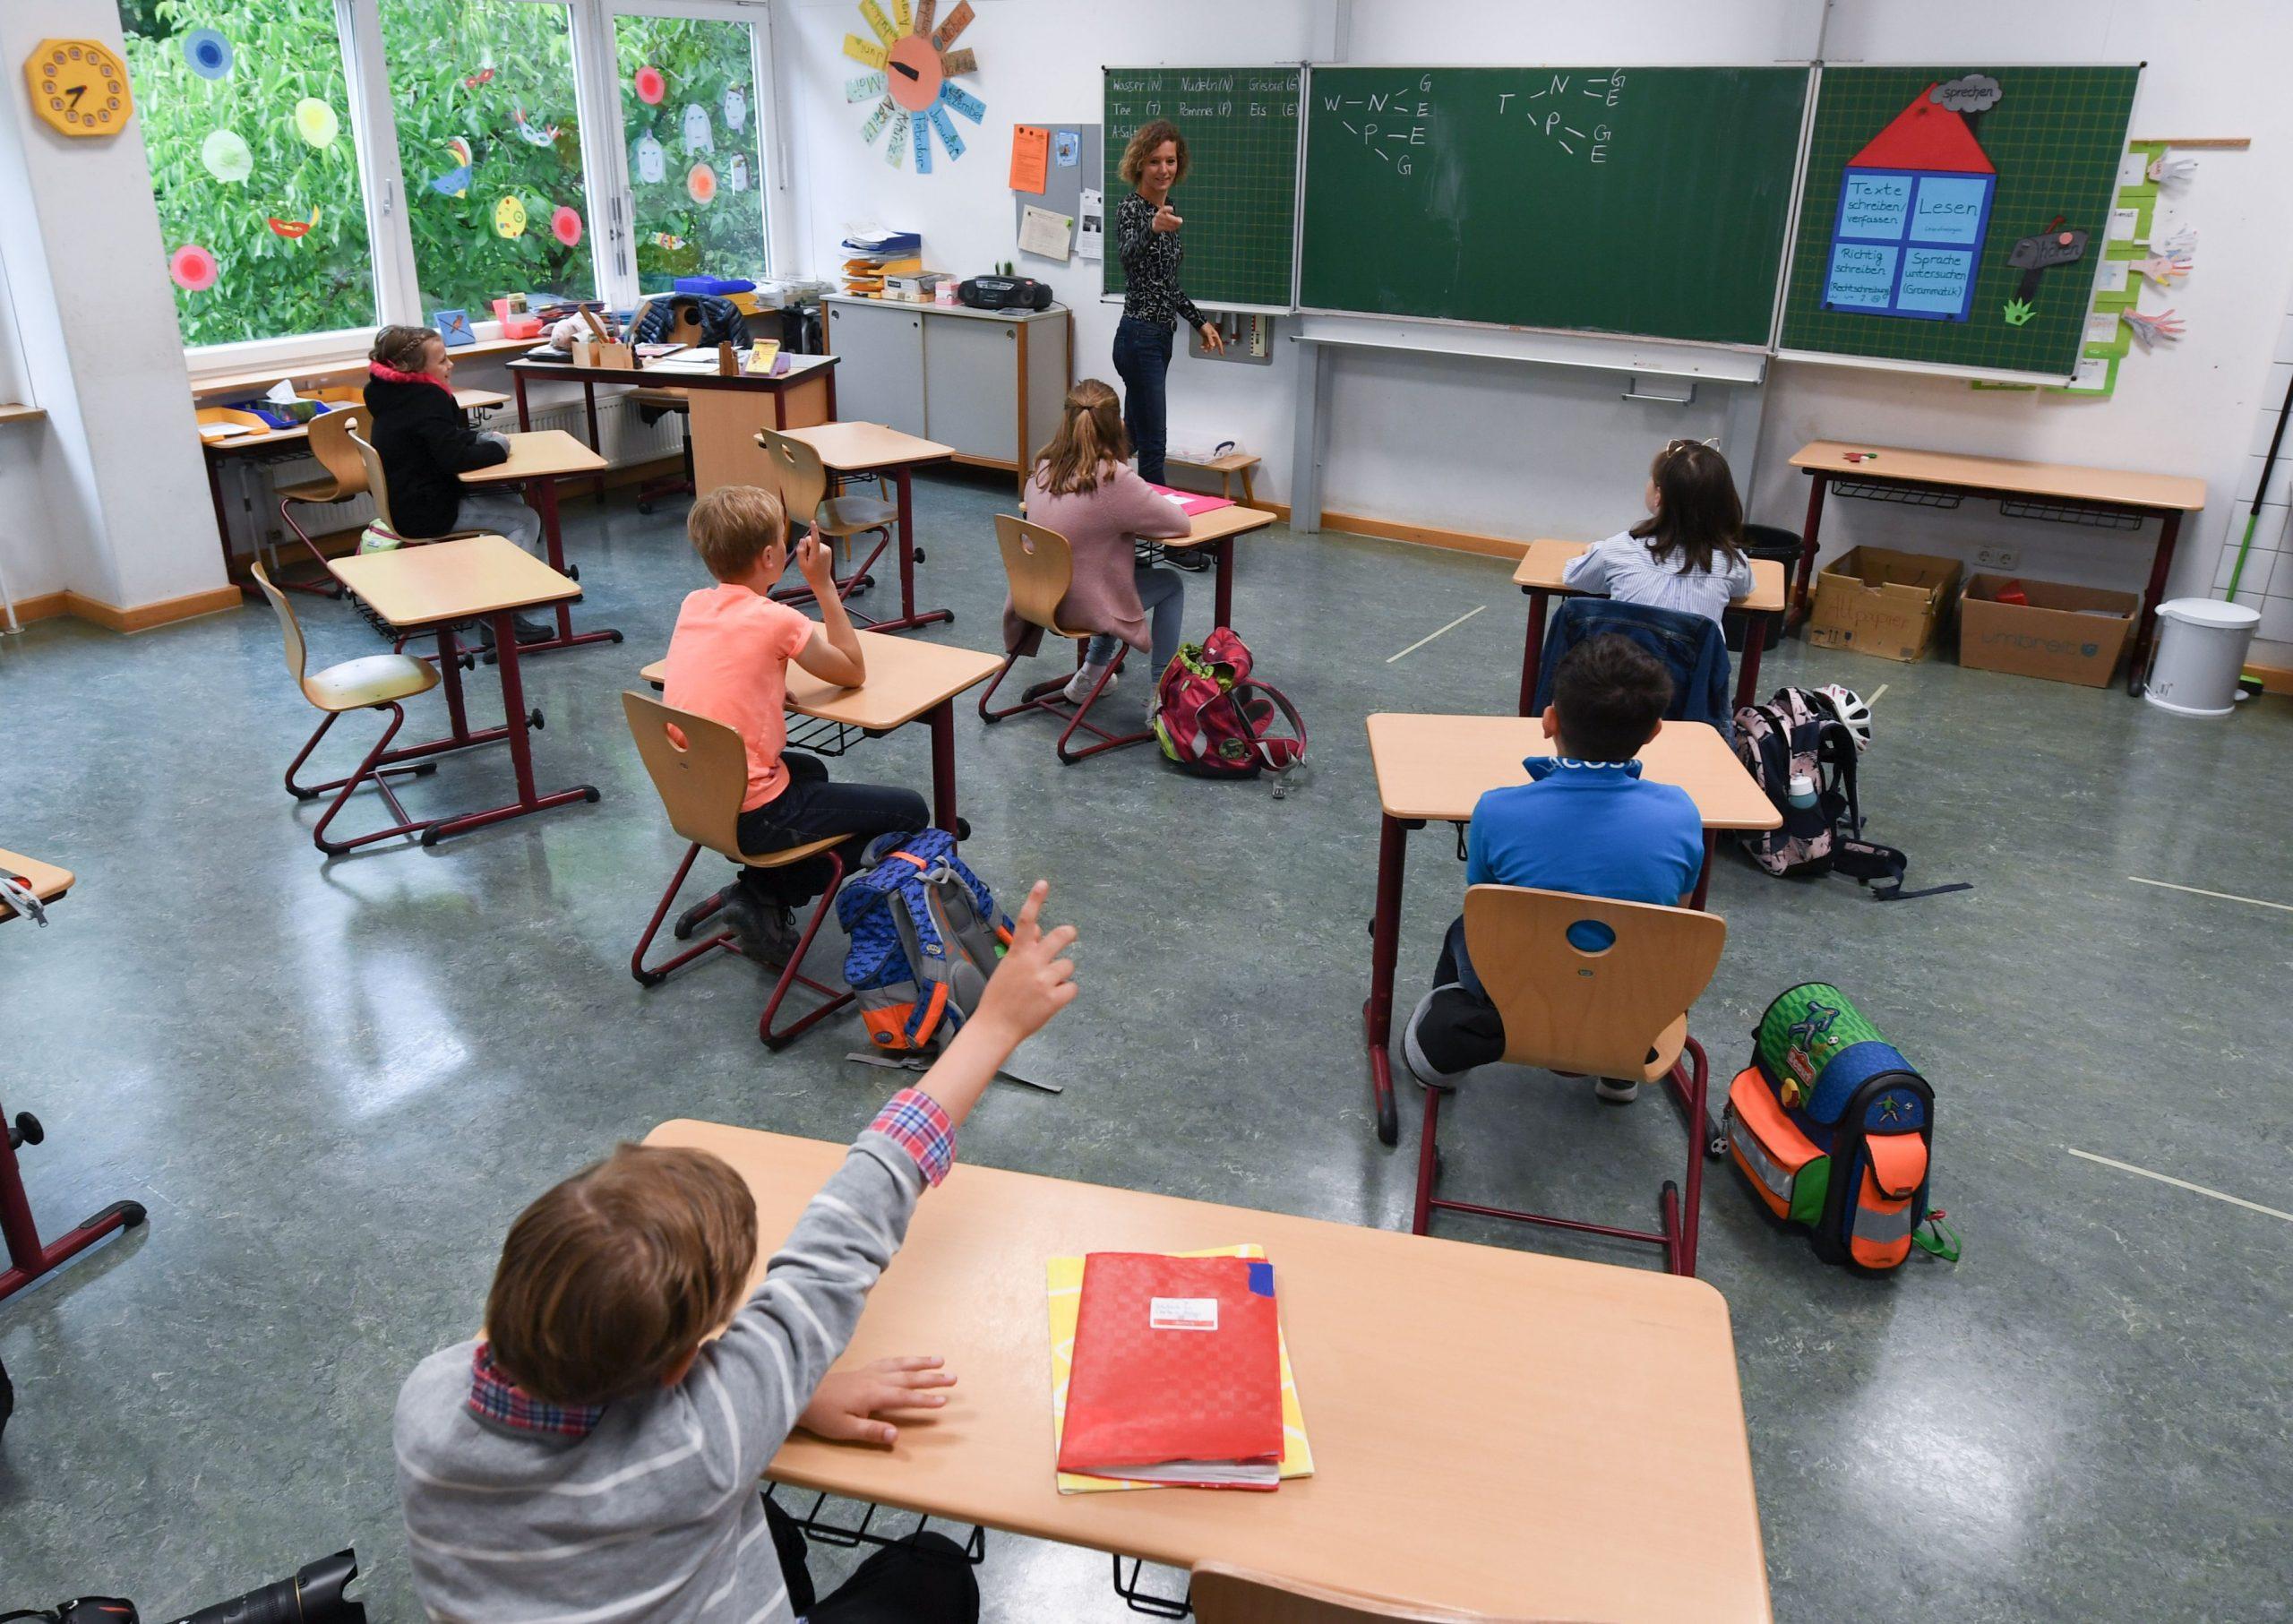 OMS a recomandat redeschiderea școlilor – Avocatul Poporului cere un punct de vedere de la Ministerul Educației